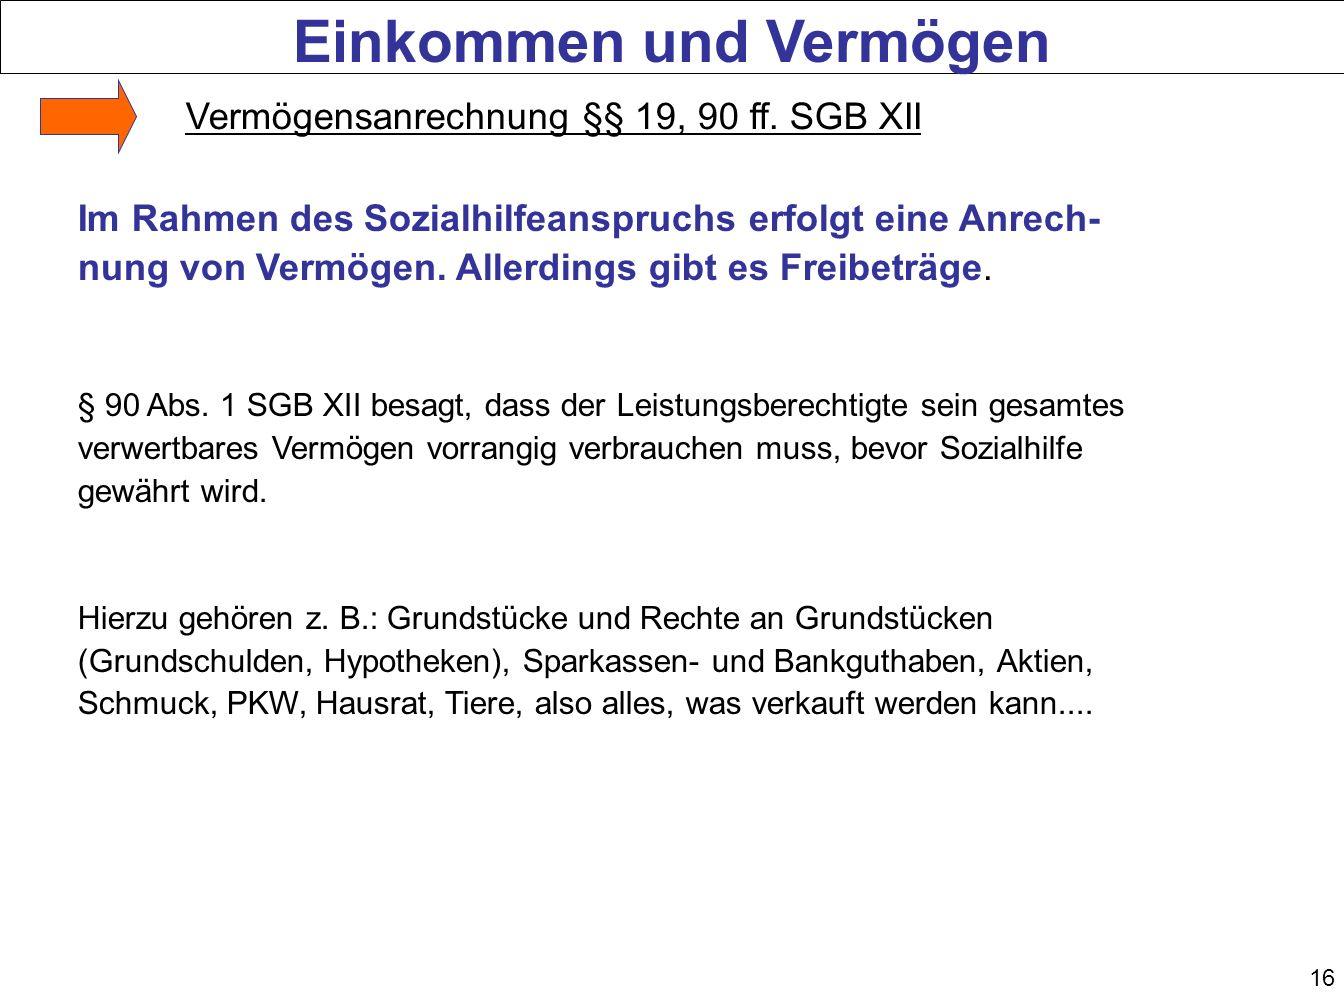 16 Die Hartz-Reformen Im Rahmen des Sozialhilfeanspruchs erfolgt eine Anrech- nung von Vermögen. Allerdings gibt es Freibeträge. § 90 Abs. 1 SGB XII b